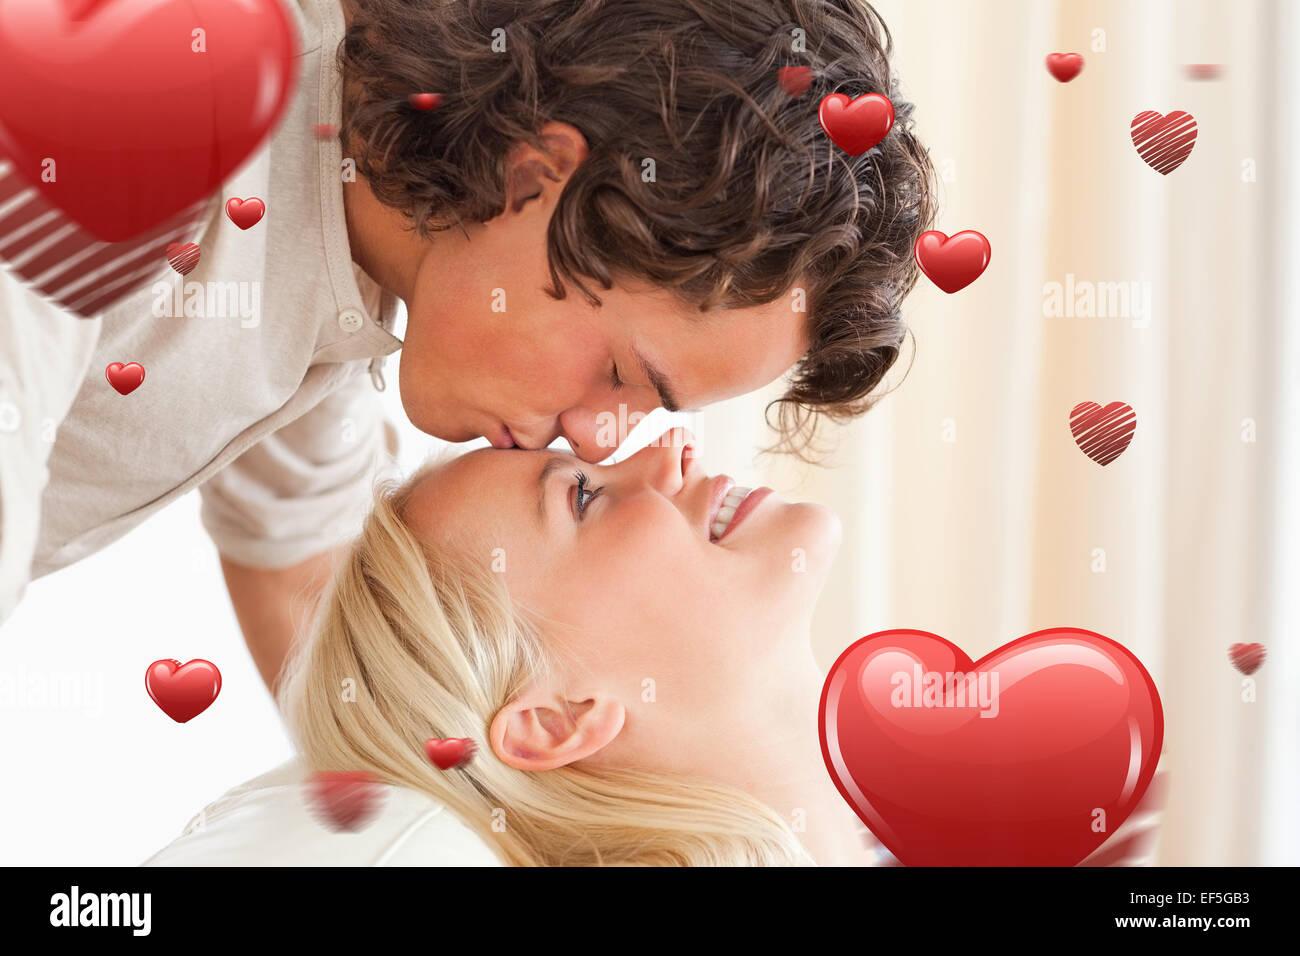 Immagine composita di close up di un uomo baciare il suo fidanzato sulla fronte Immagini Stock